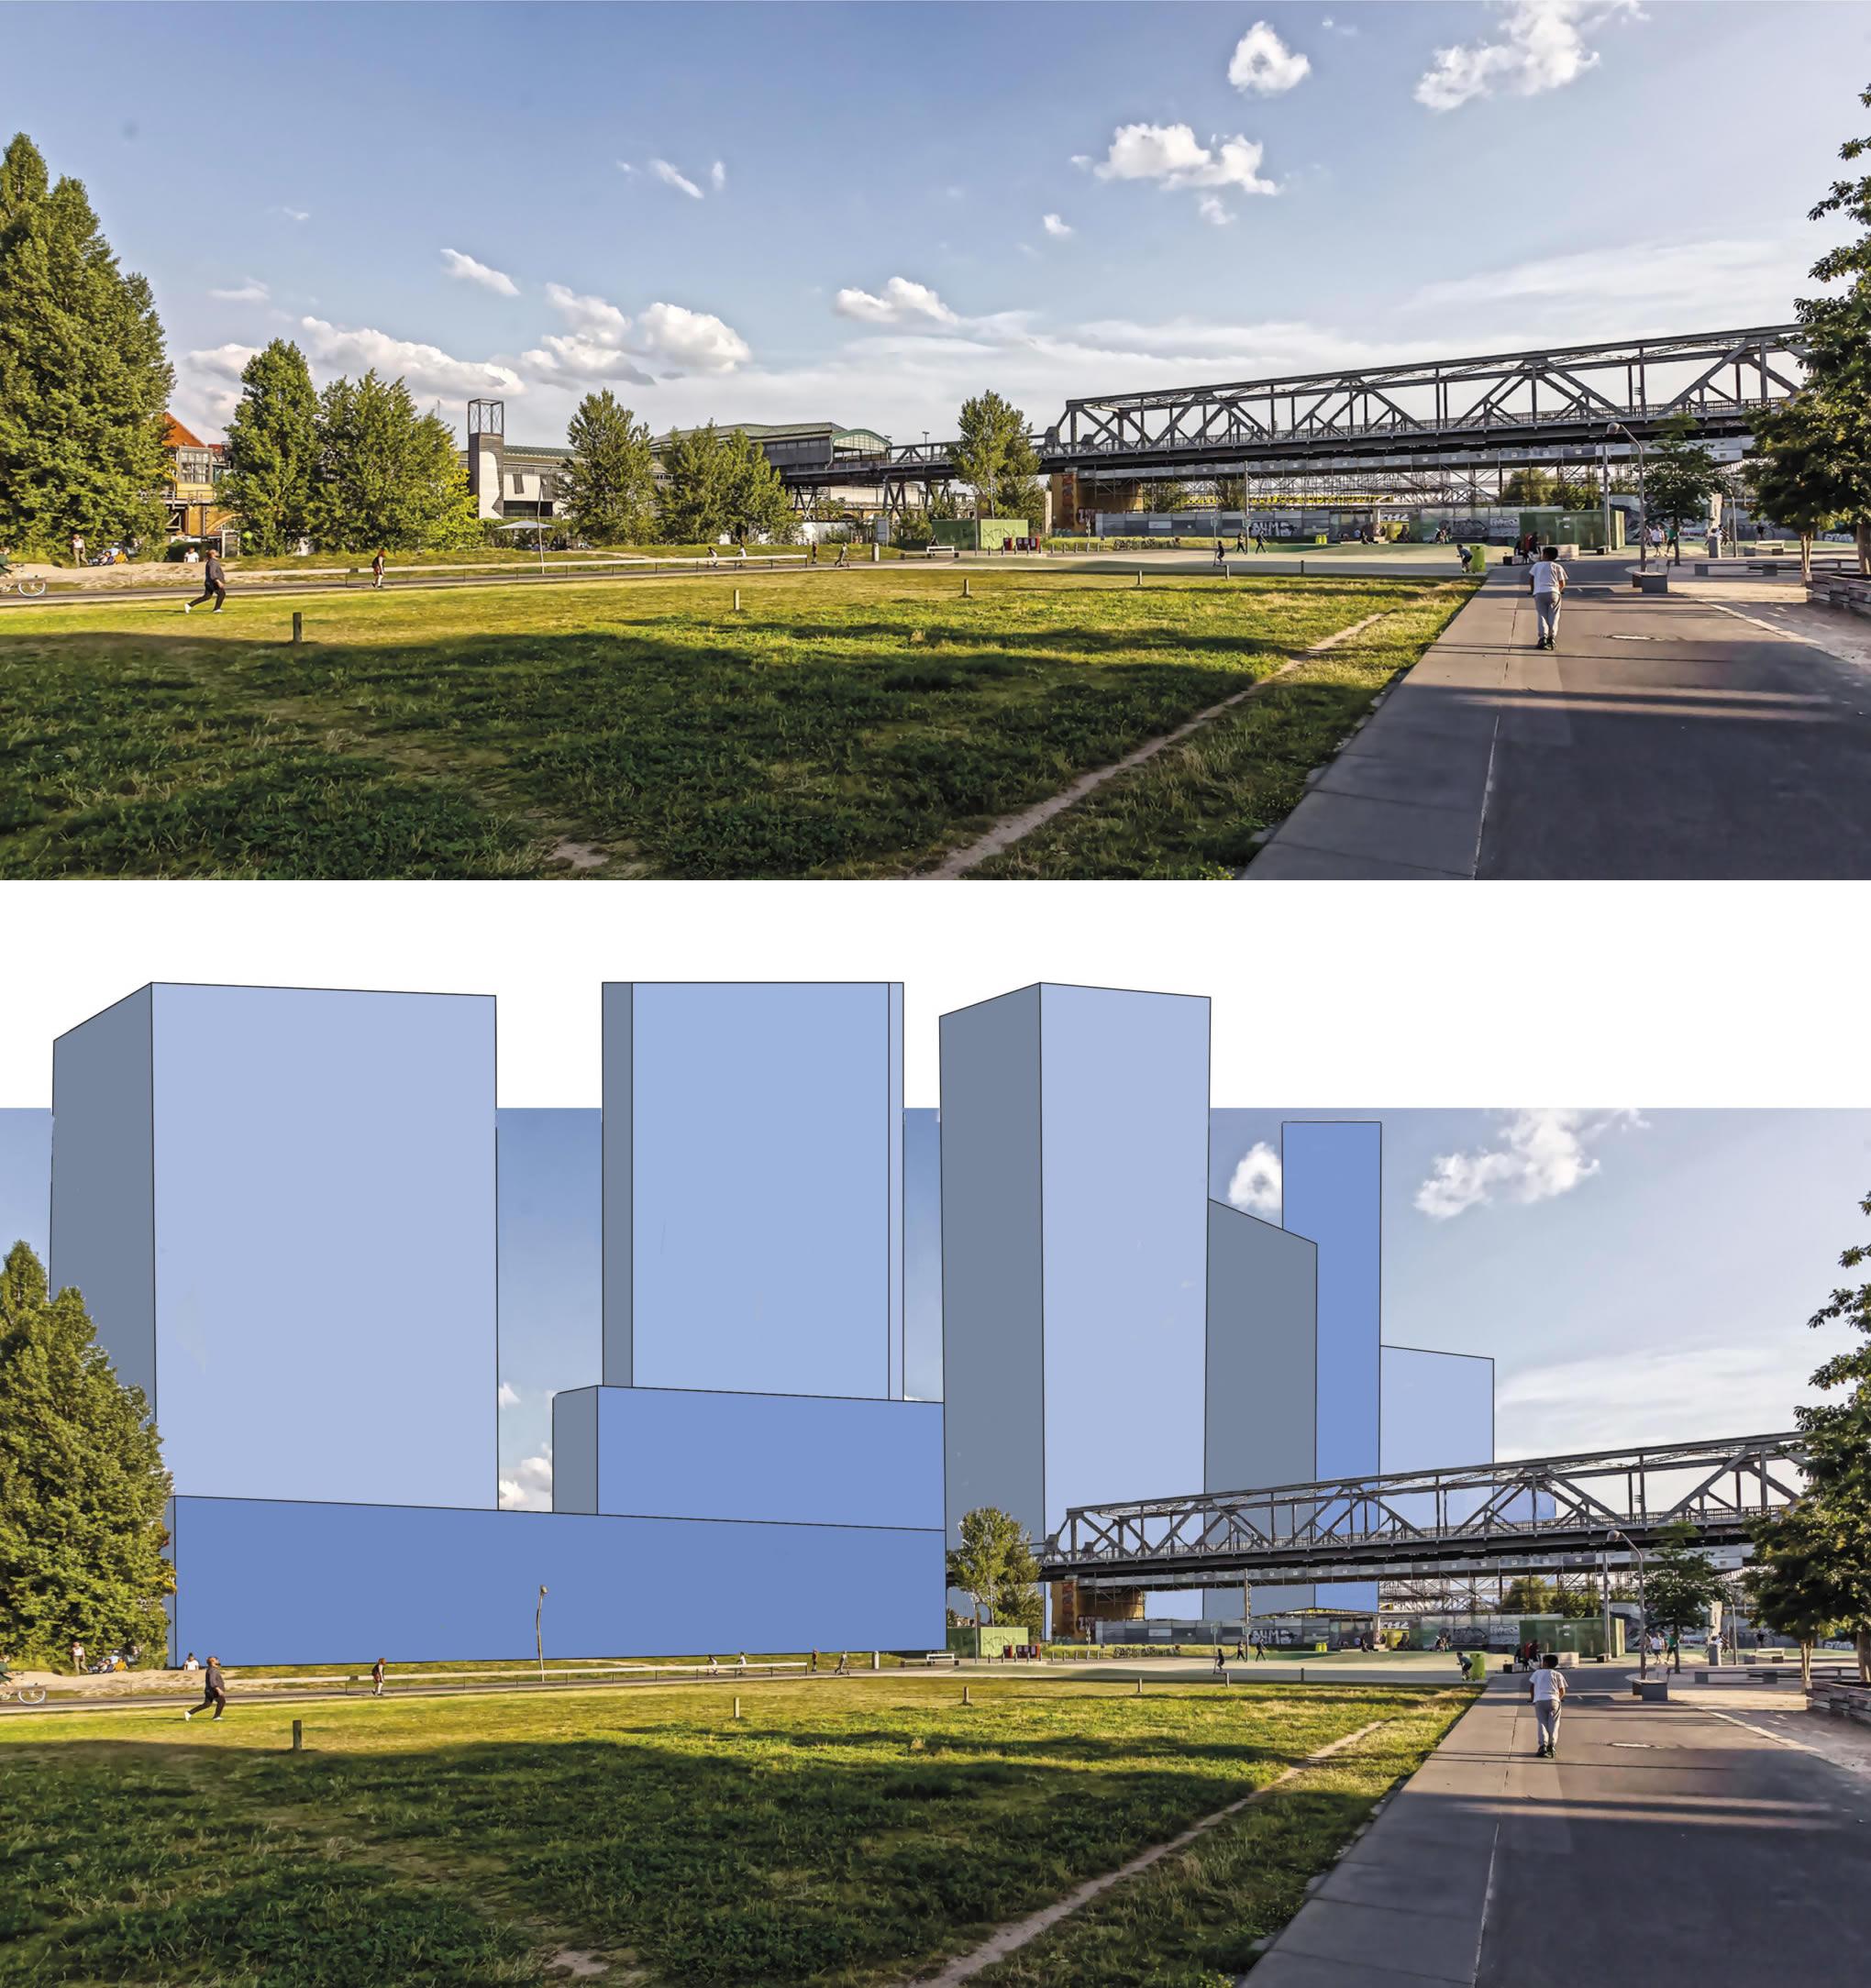 Urbane Mitte im Stadtentwicklungsausschuss in Frage gestellt